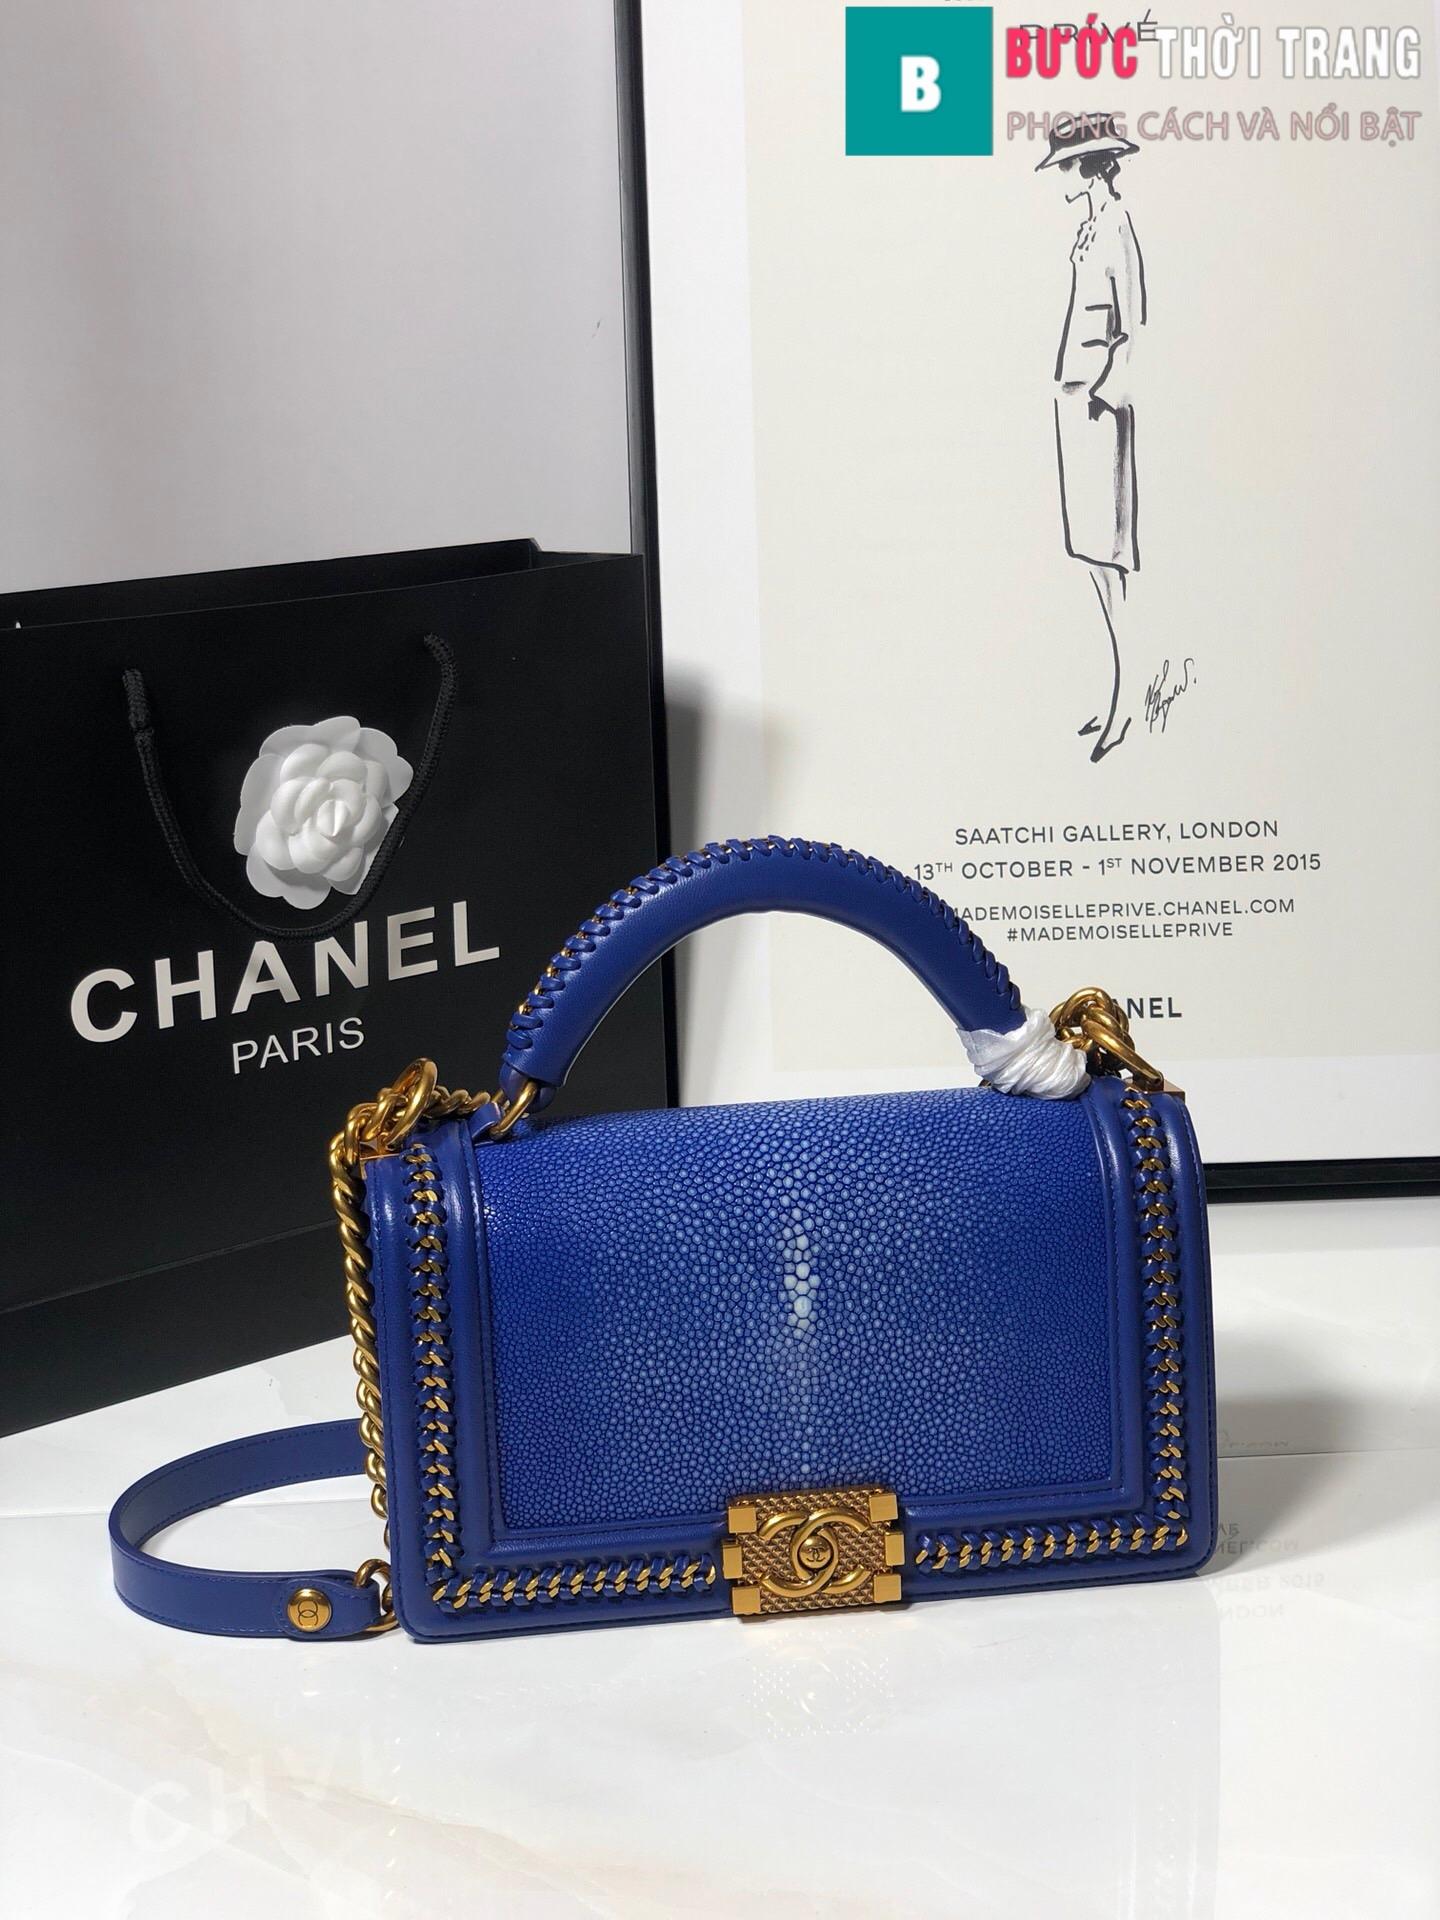 Túi xách Chanel boy siêu cấp da cá đuối (72)